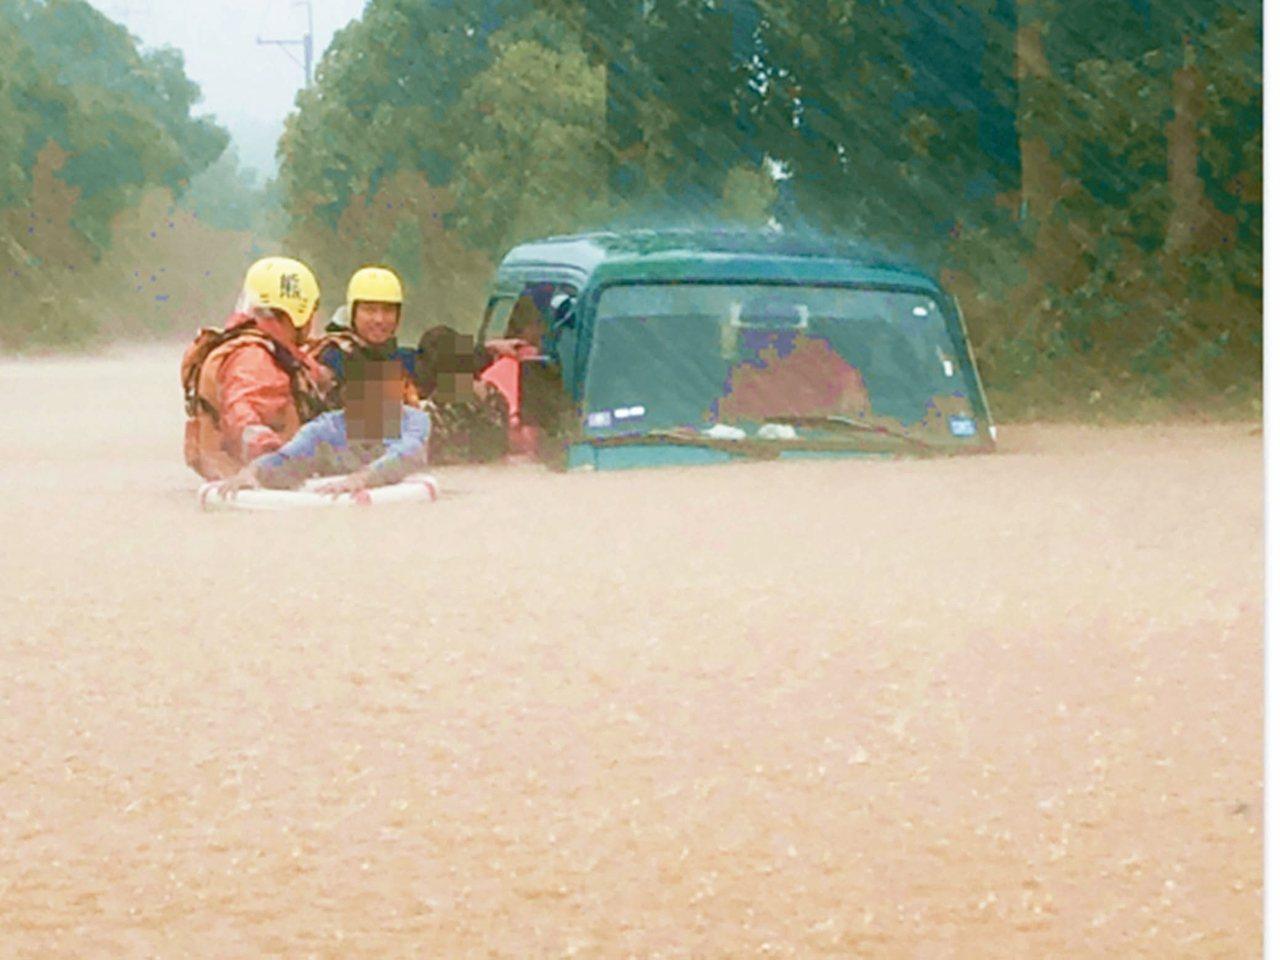 白鹿颱風昨狂掃東部,一名車主受困洪流,消防人員協助一家四人脫困。 圖/台東縣消防...